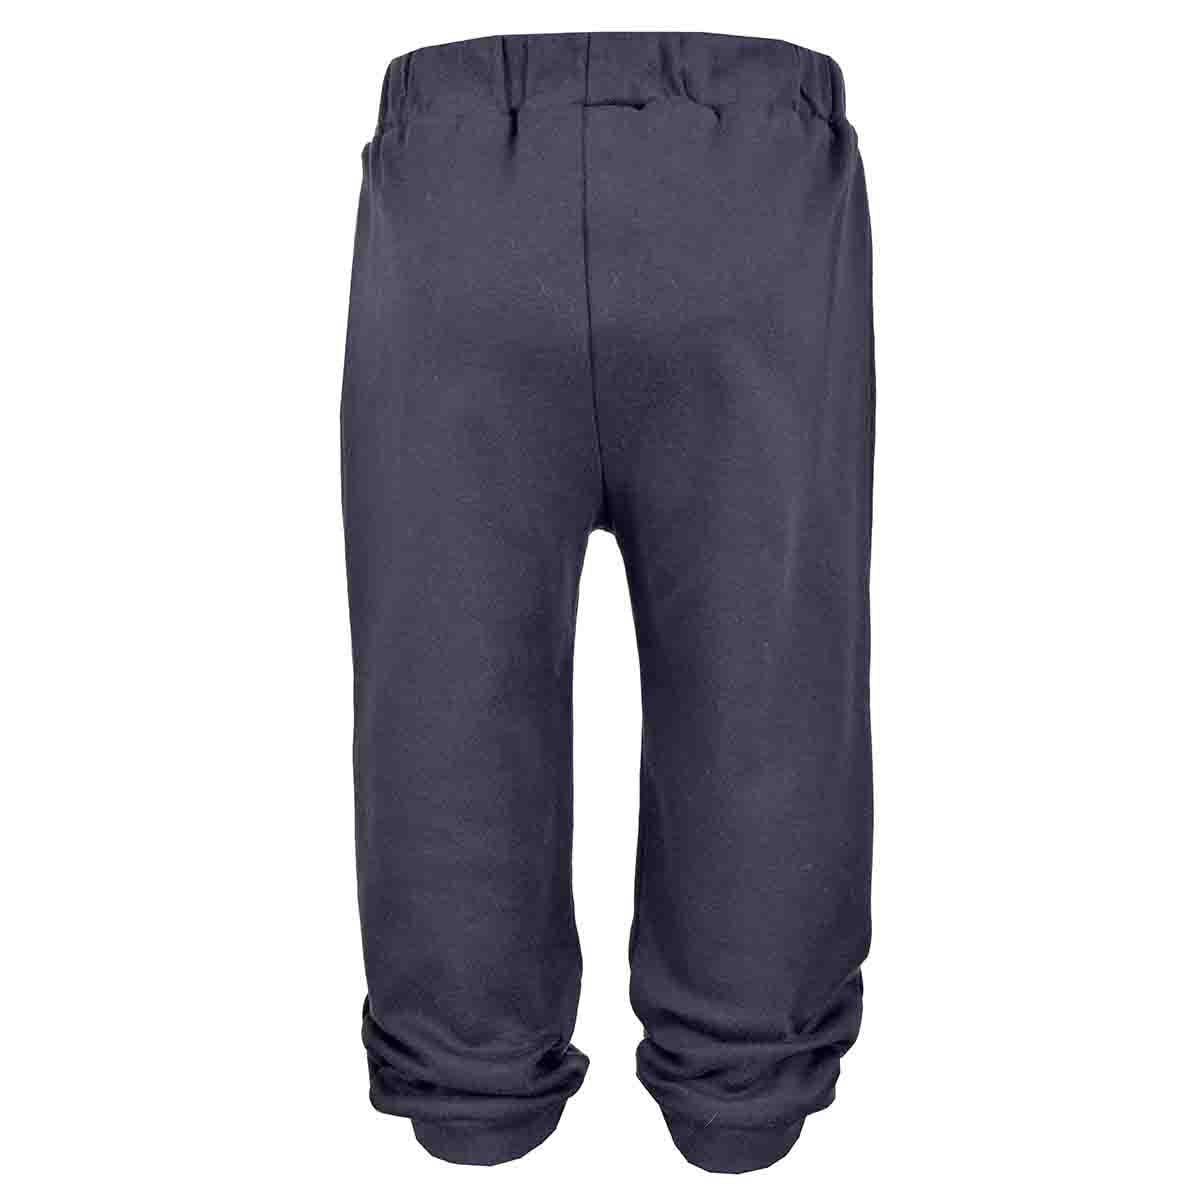 Pantalón Liso Color Gris Carosello